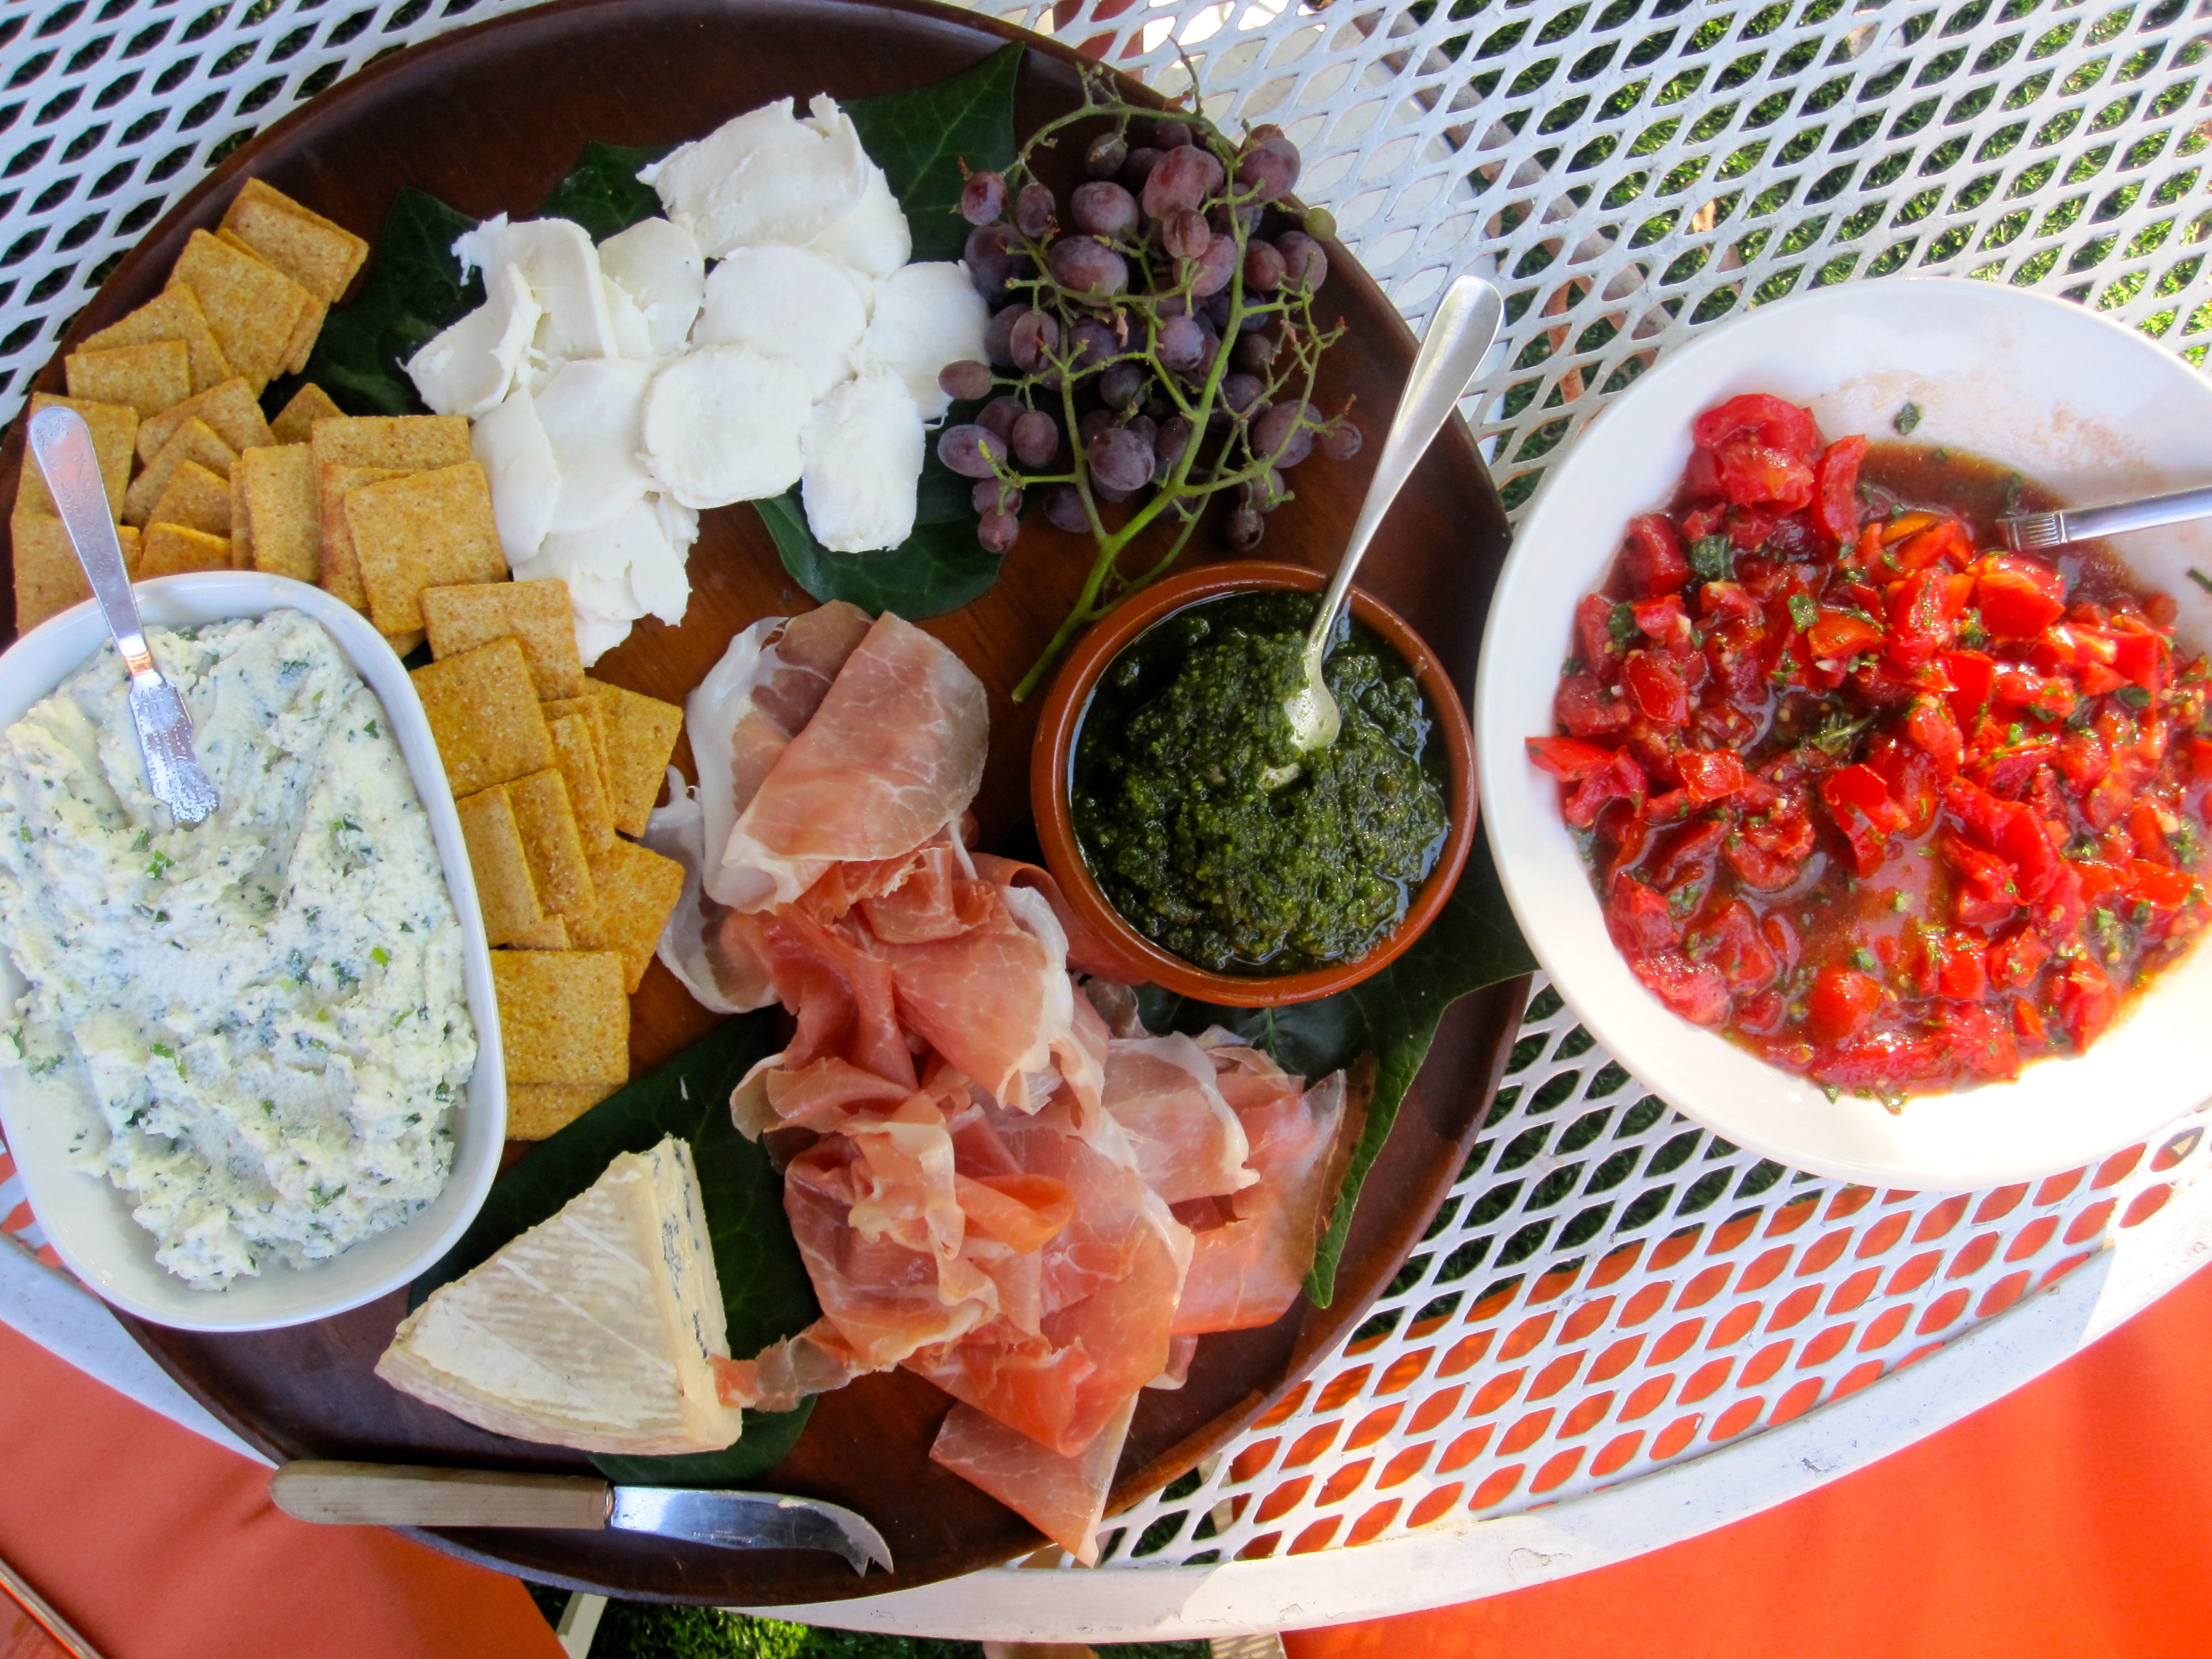 Rousing Italian Platter Easy Appetizer Ideas Six Twists Ina Garten Appetizers Make Ahead Ina Garten Appetizer Platter nice food Ina Garten Appetizers